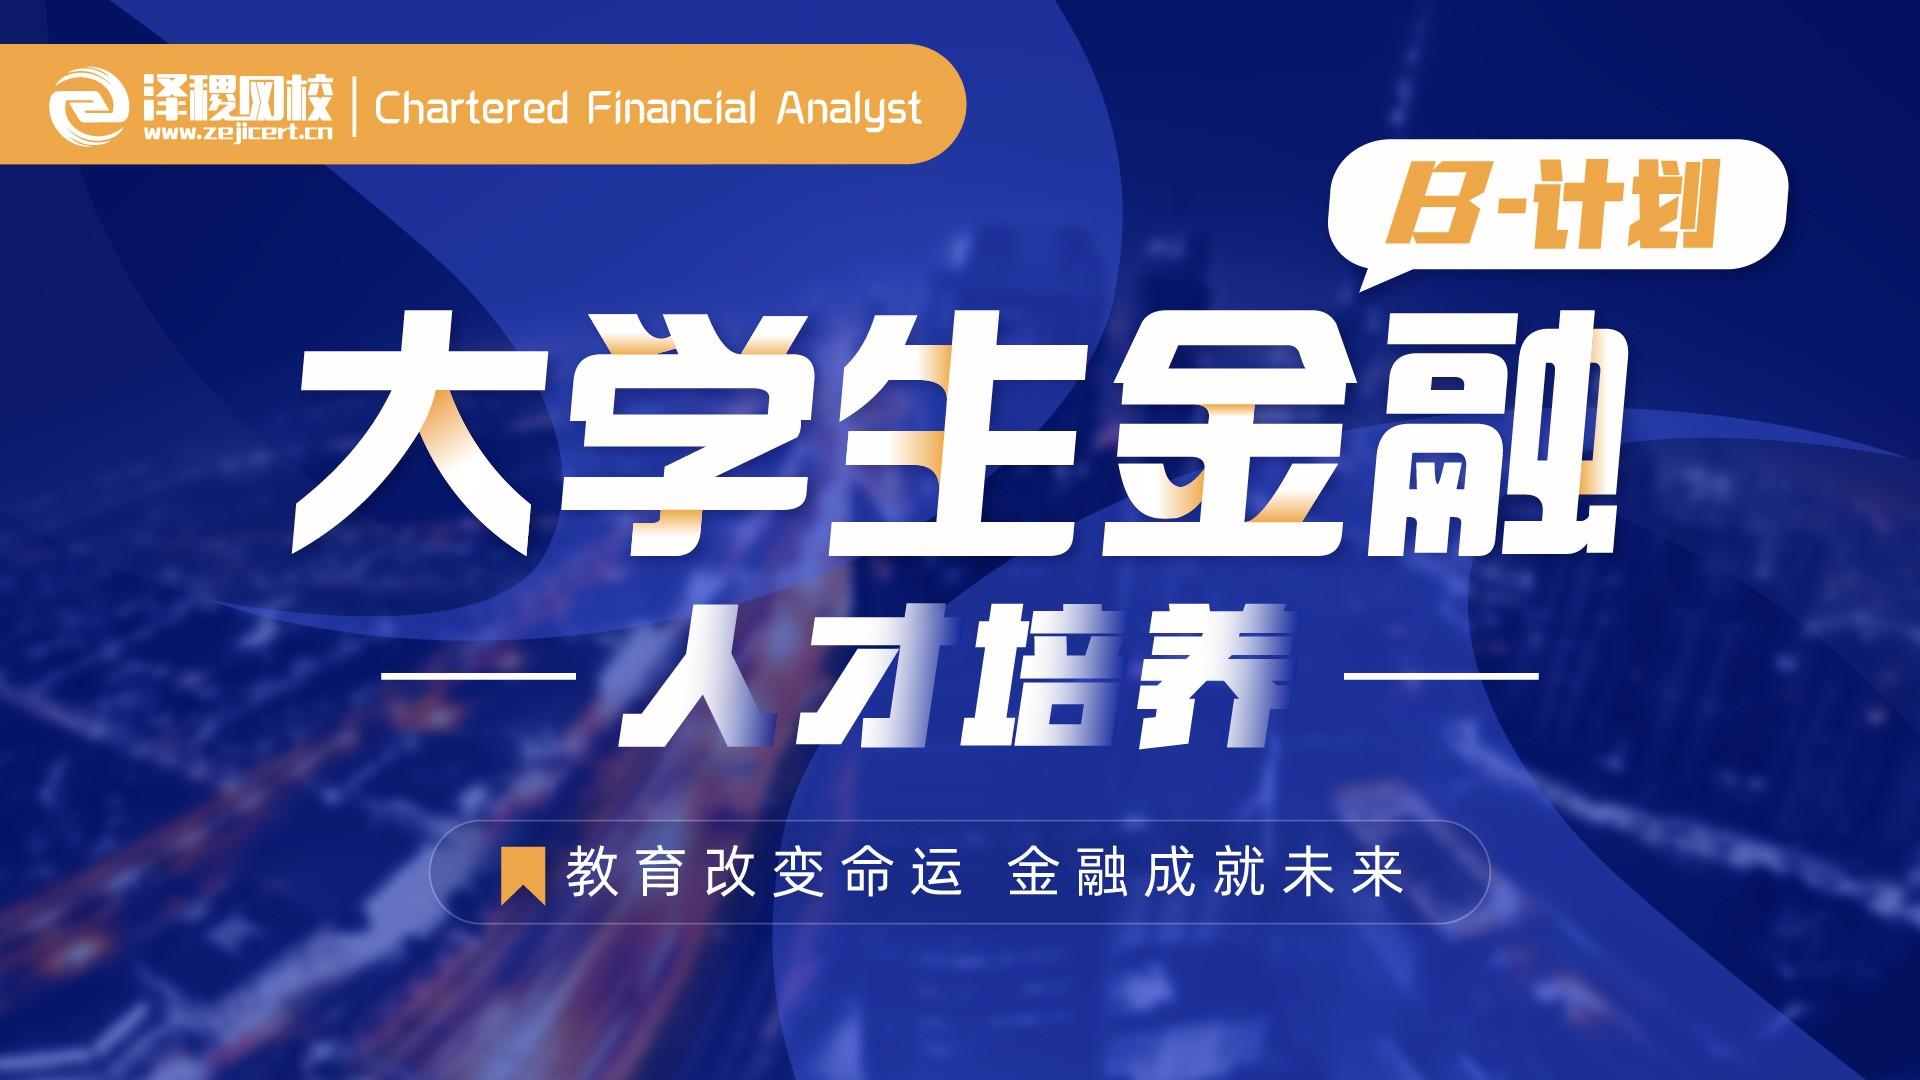 大学生金融人才培养 B 计划